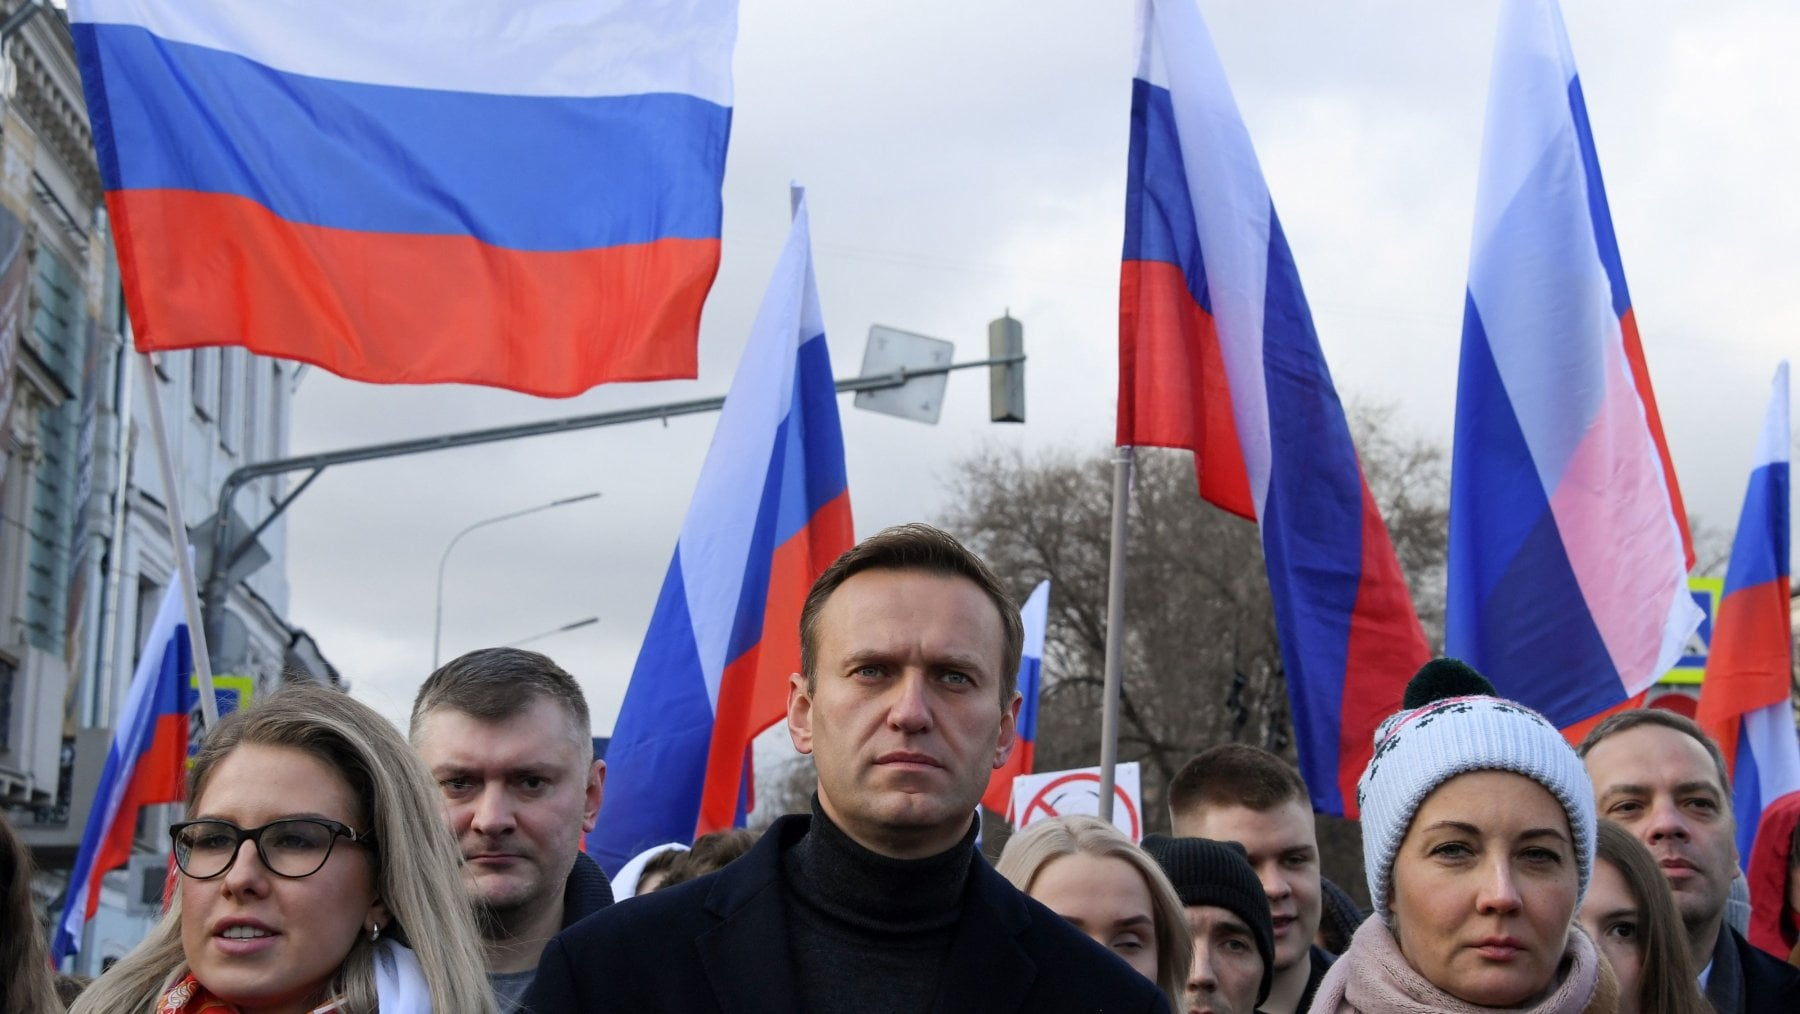 213207325 c7480a60 0131 490f 9720 bb05b970060b - Russia: sotto inchiesta penale Sobol, l'avvocata di Navalnyj. Rischia due anni di carcere